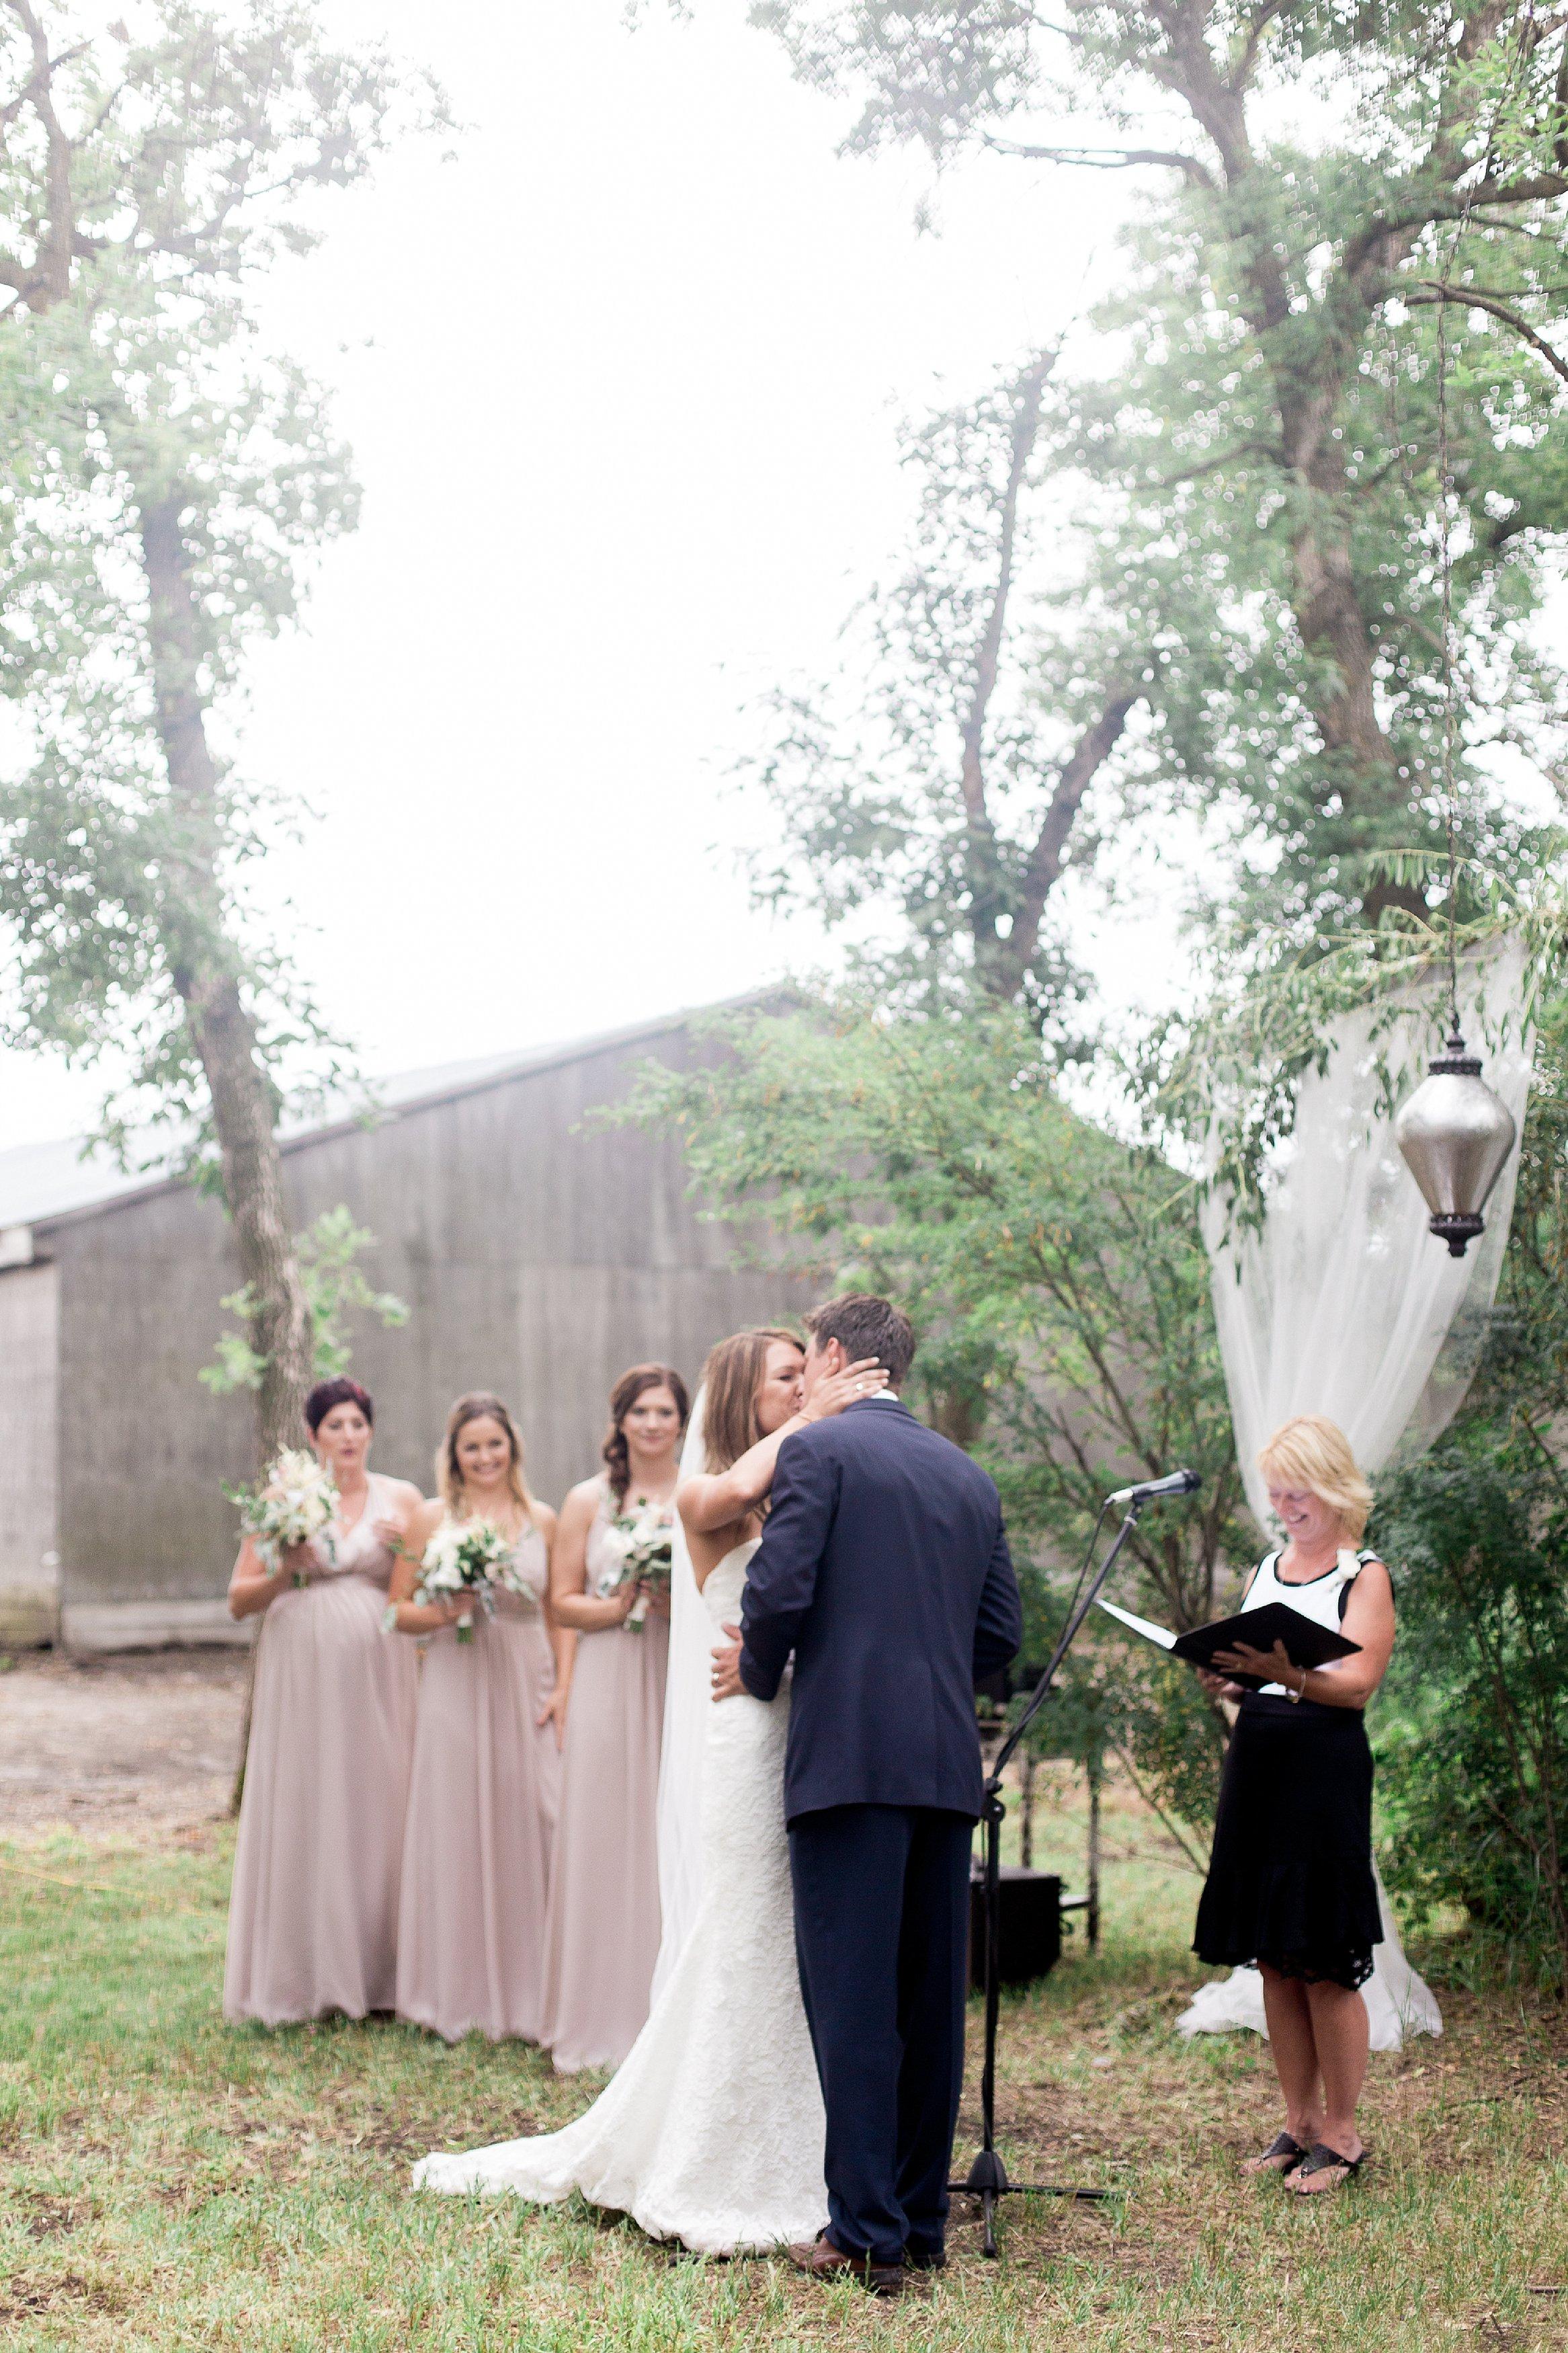 Vancouver wedding photographer   Keila Marie Photography   Garden inspired wedding   romantic Intimate backyard wedding